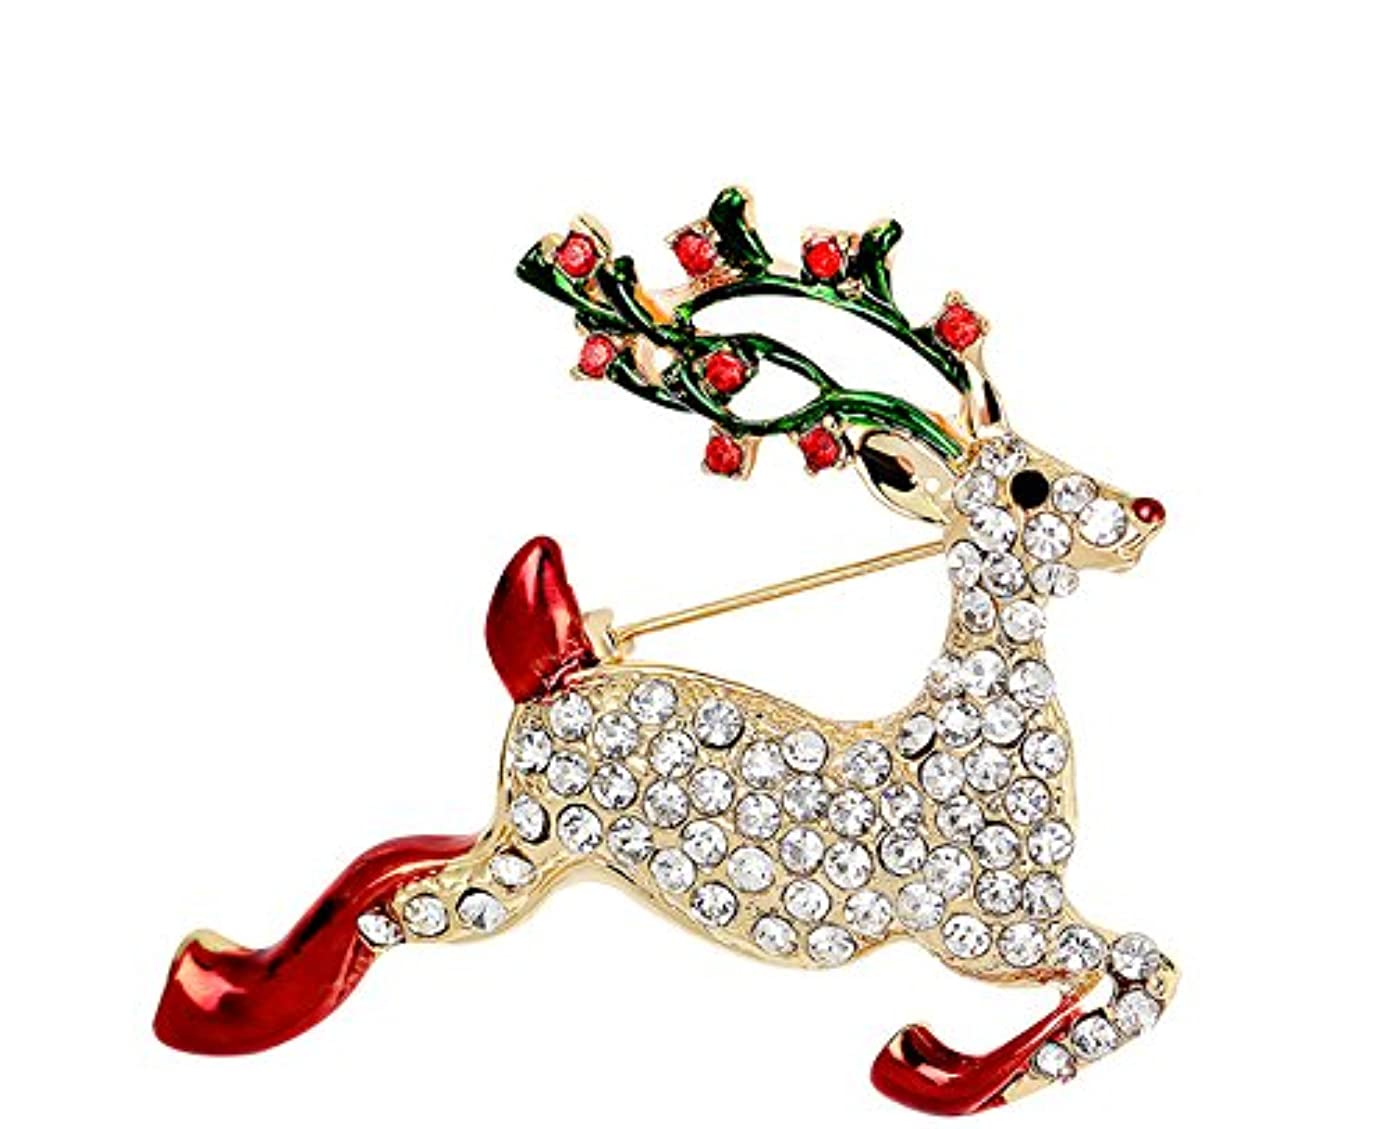 二十前兆ようこそEcloud Shop クリスマス?デイリー?ウェアにふさわしいヨーロッパのスタイル?ラインストーン鹿ブローチ結晶ピン